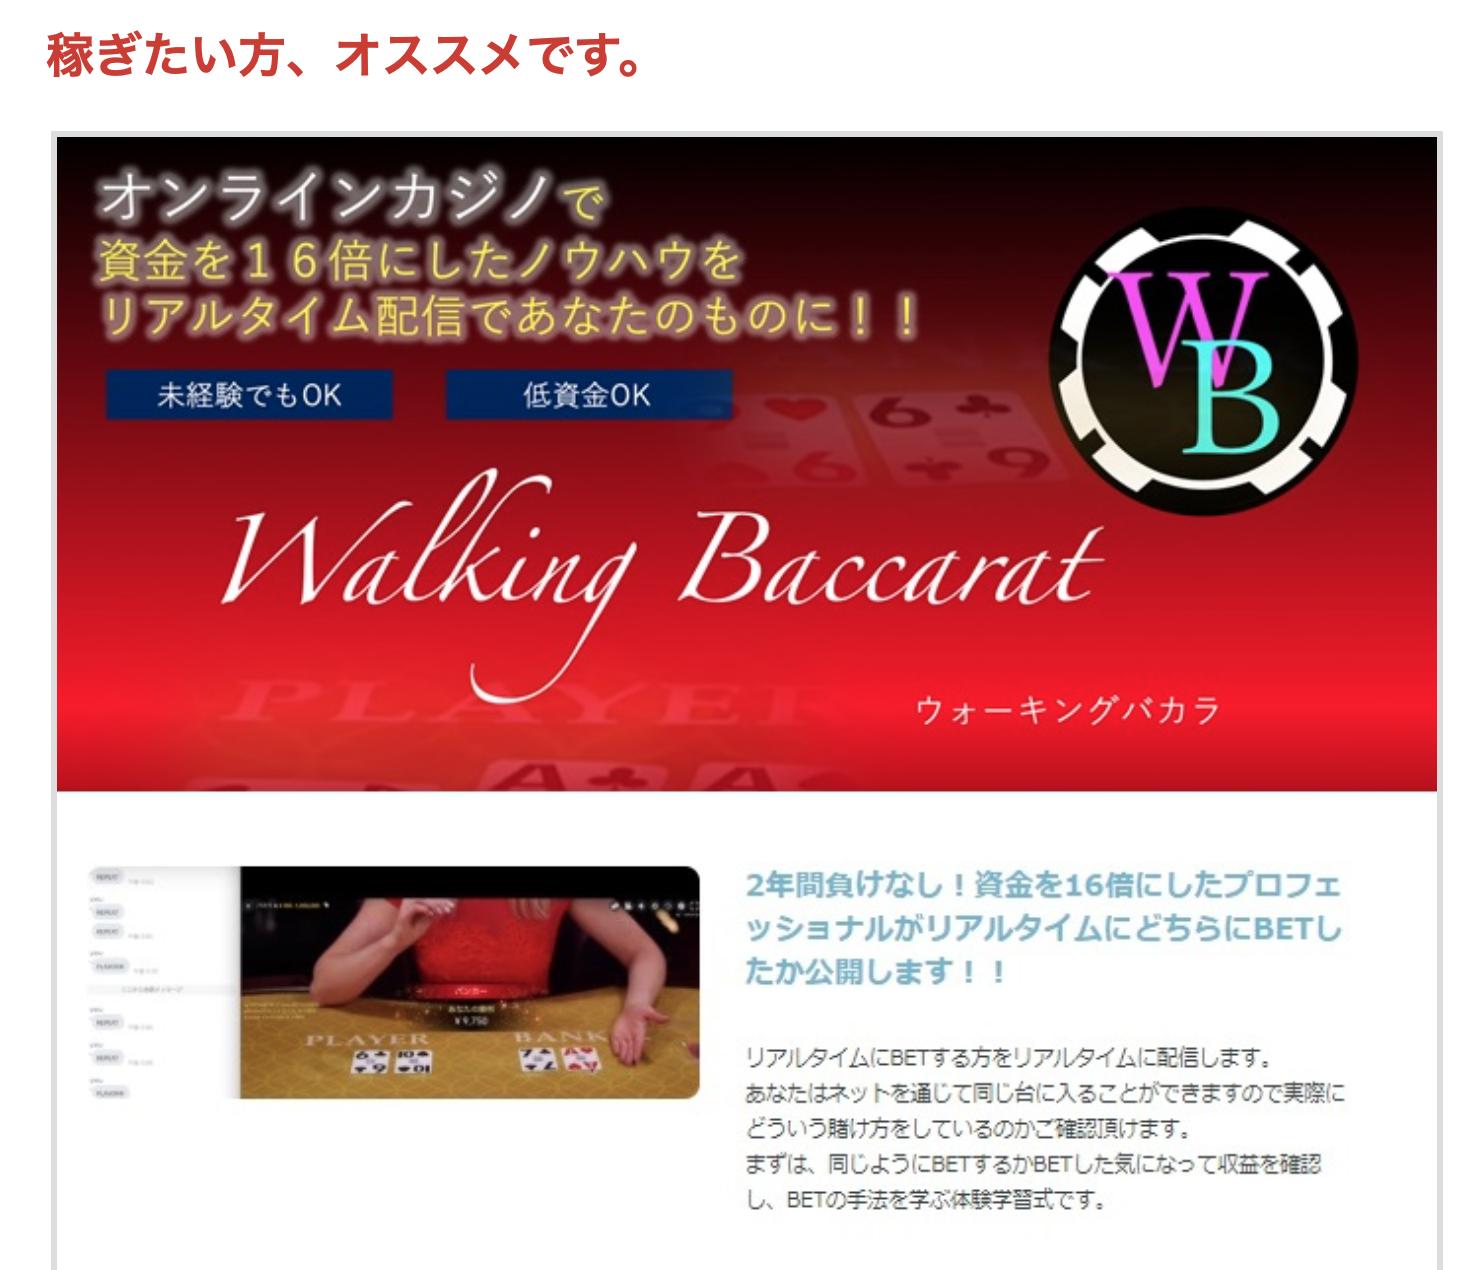 ボイスノートのアンケート後に表示されるオンラインカジノの広告。